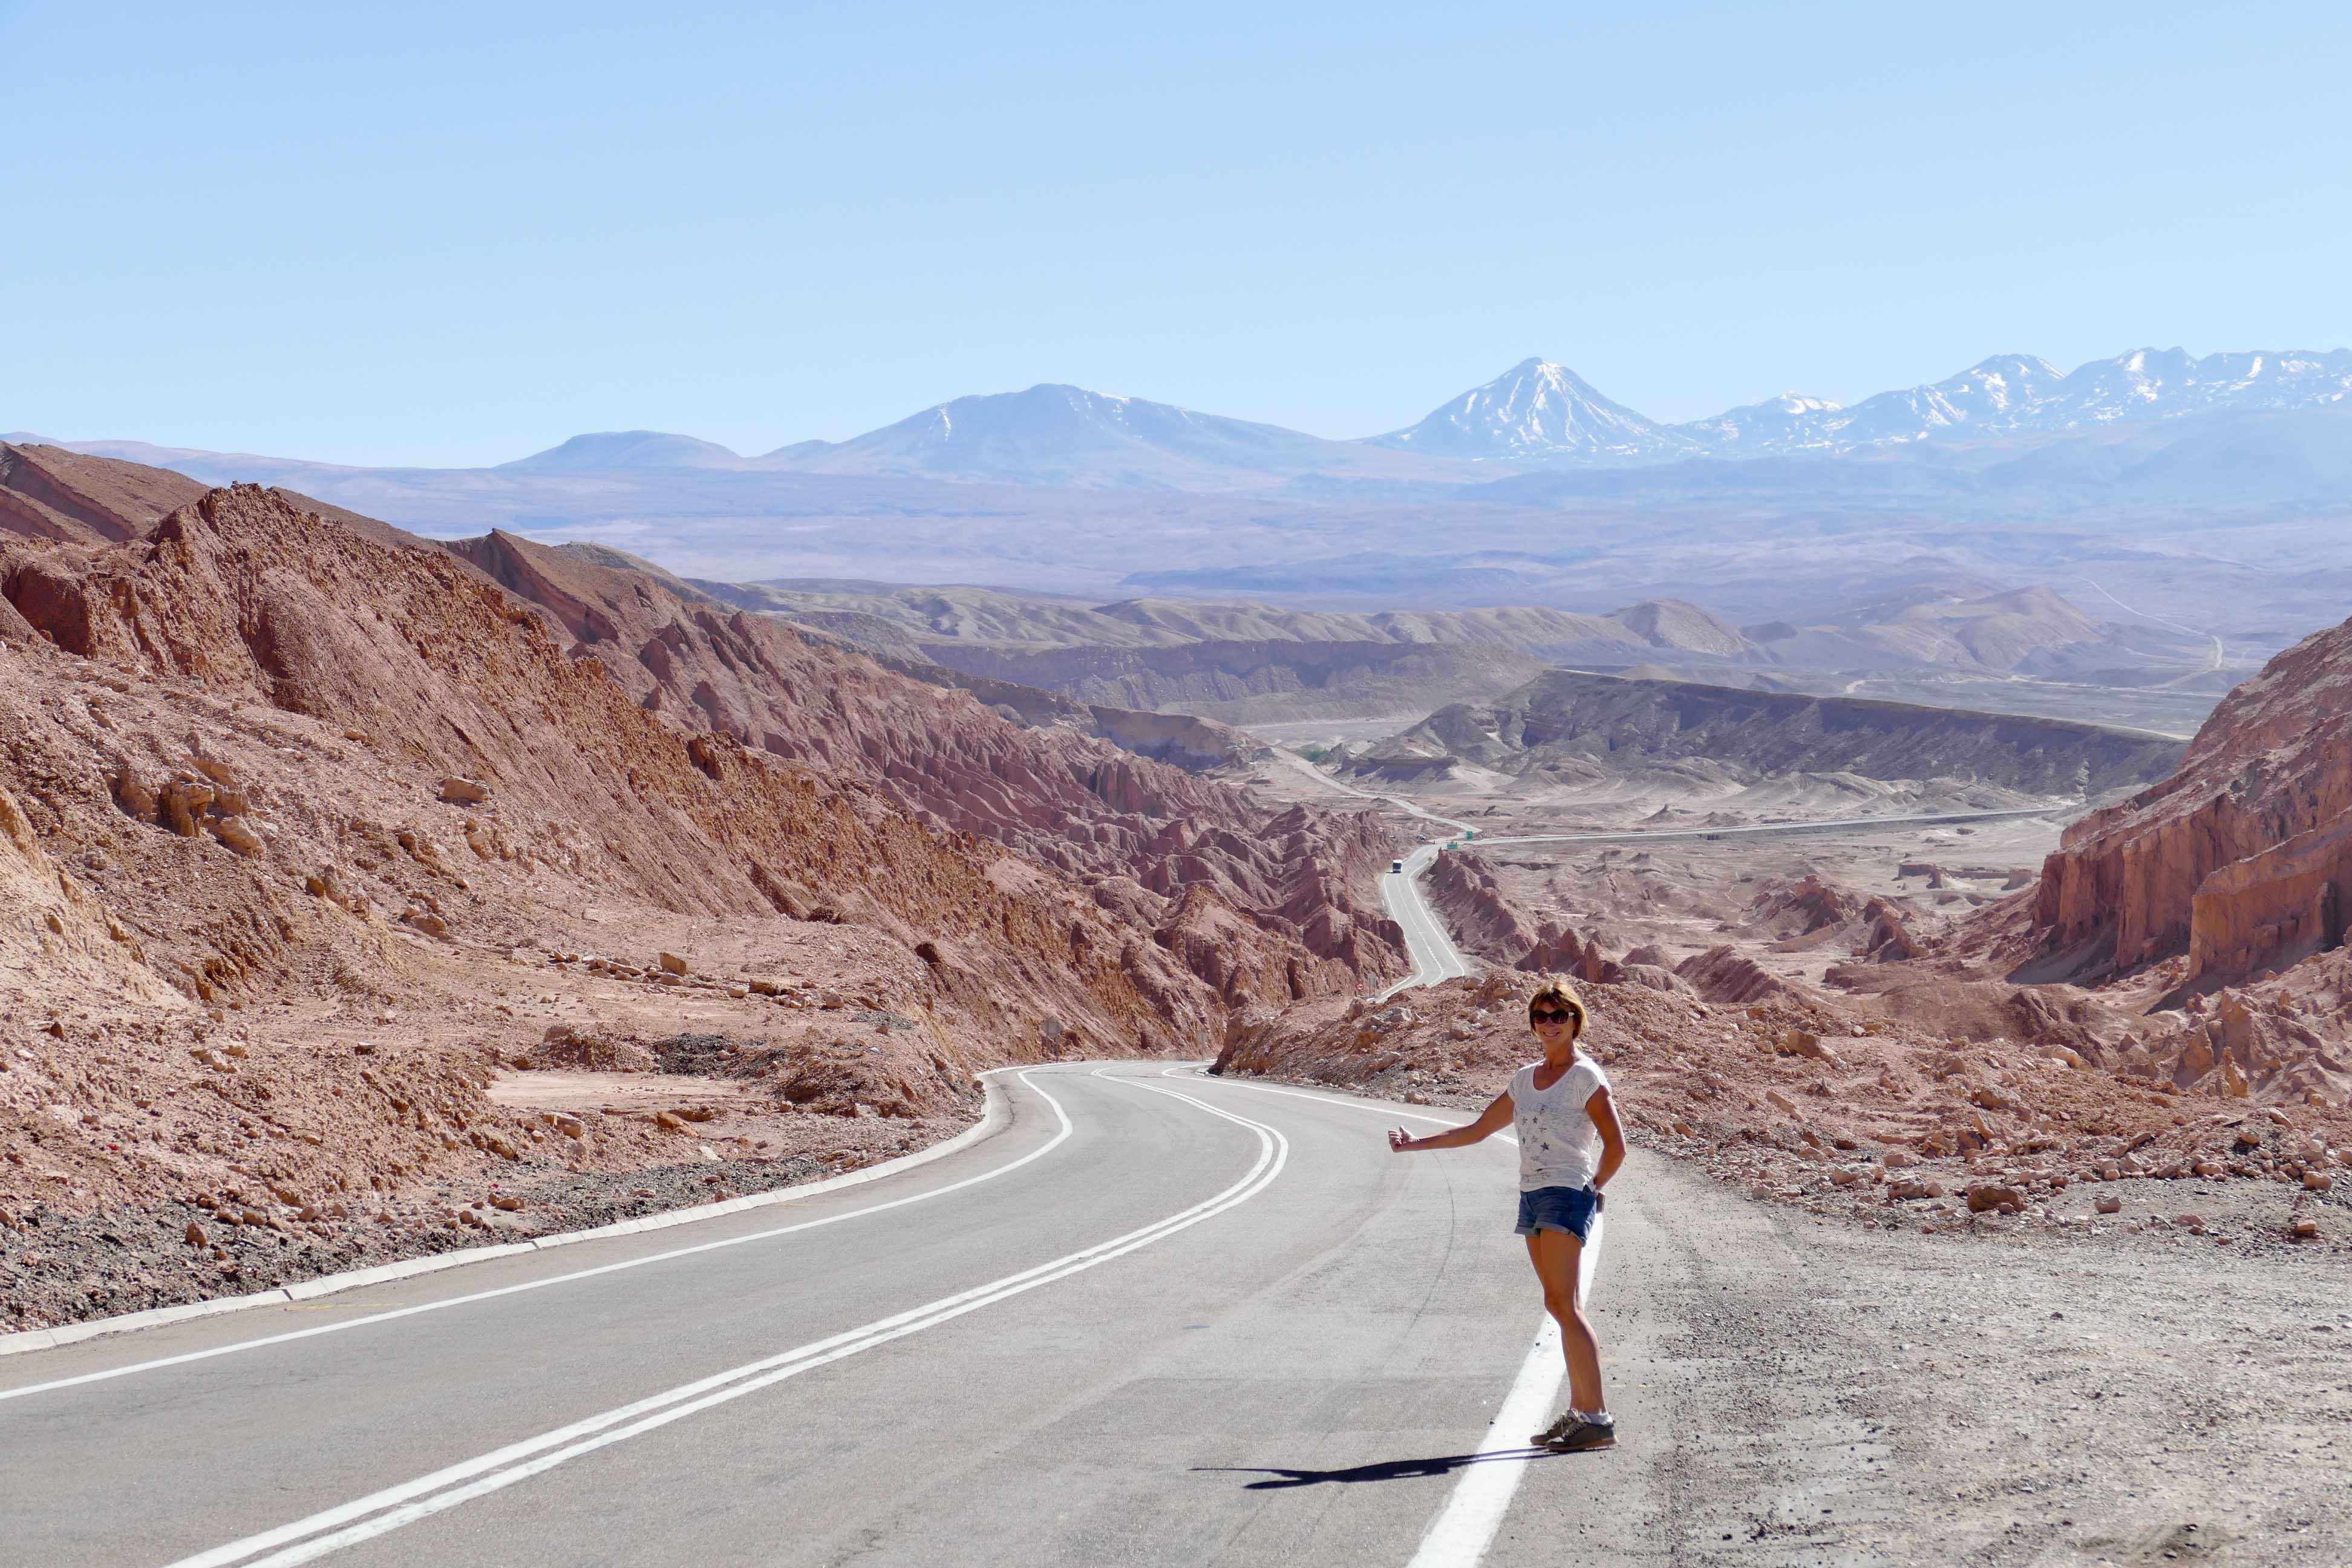 Désert d'Atacama - Voyage au Chili